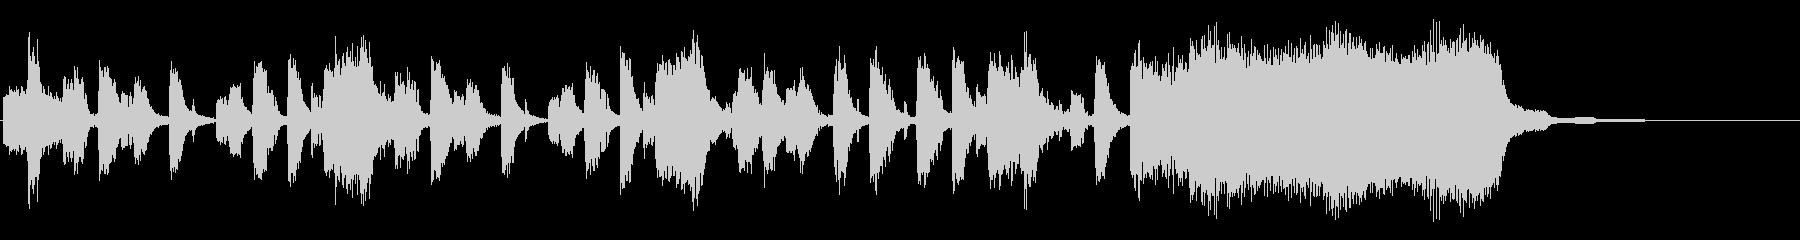 リズムが特徴的なシンセのジングルの未再生の波形